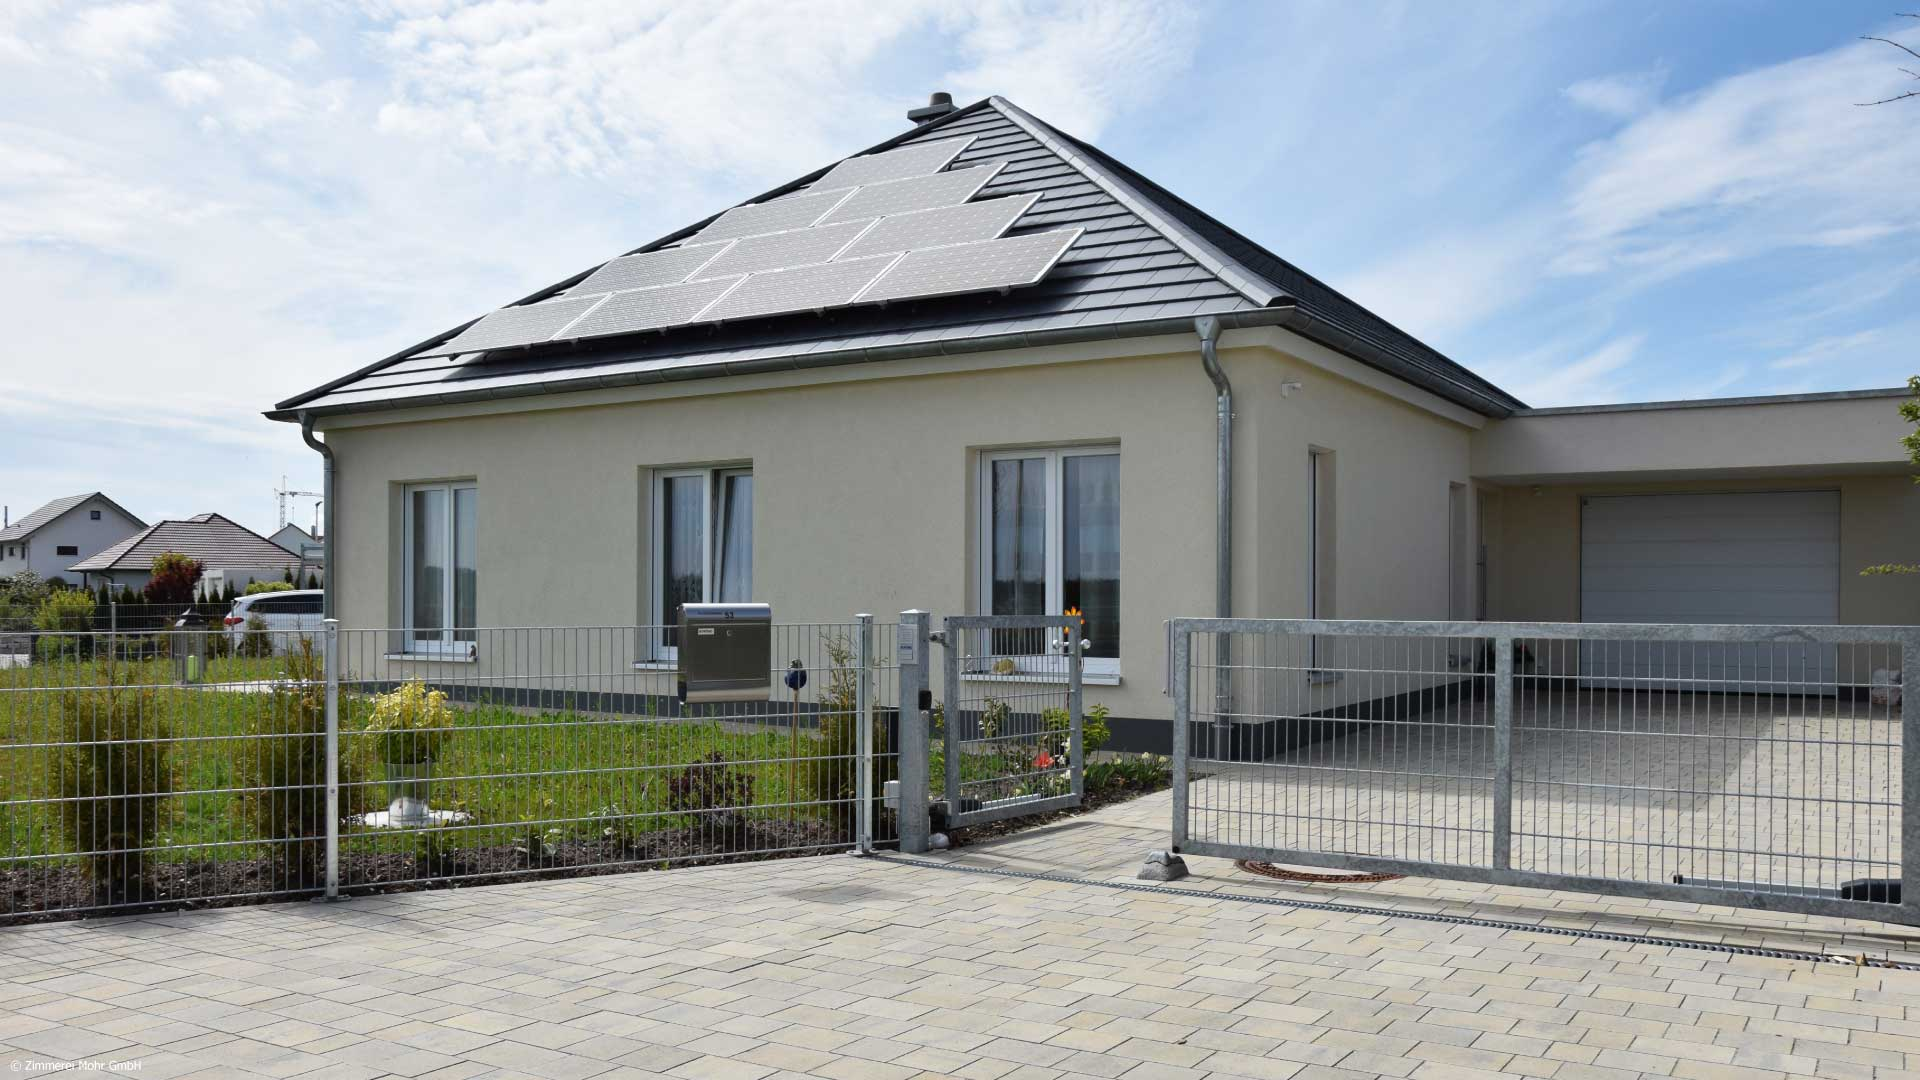 Bungalow CLASSIC - Wohnhaus mit Garage in Holzbauweise